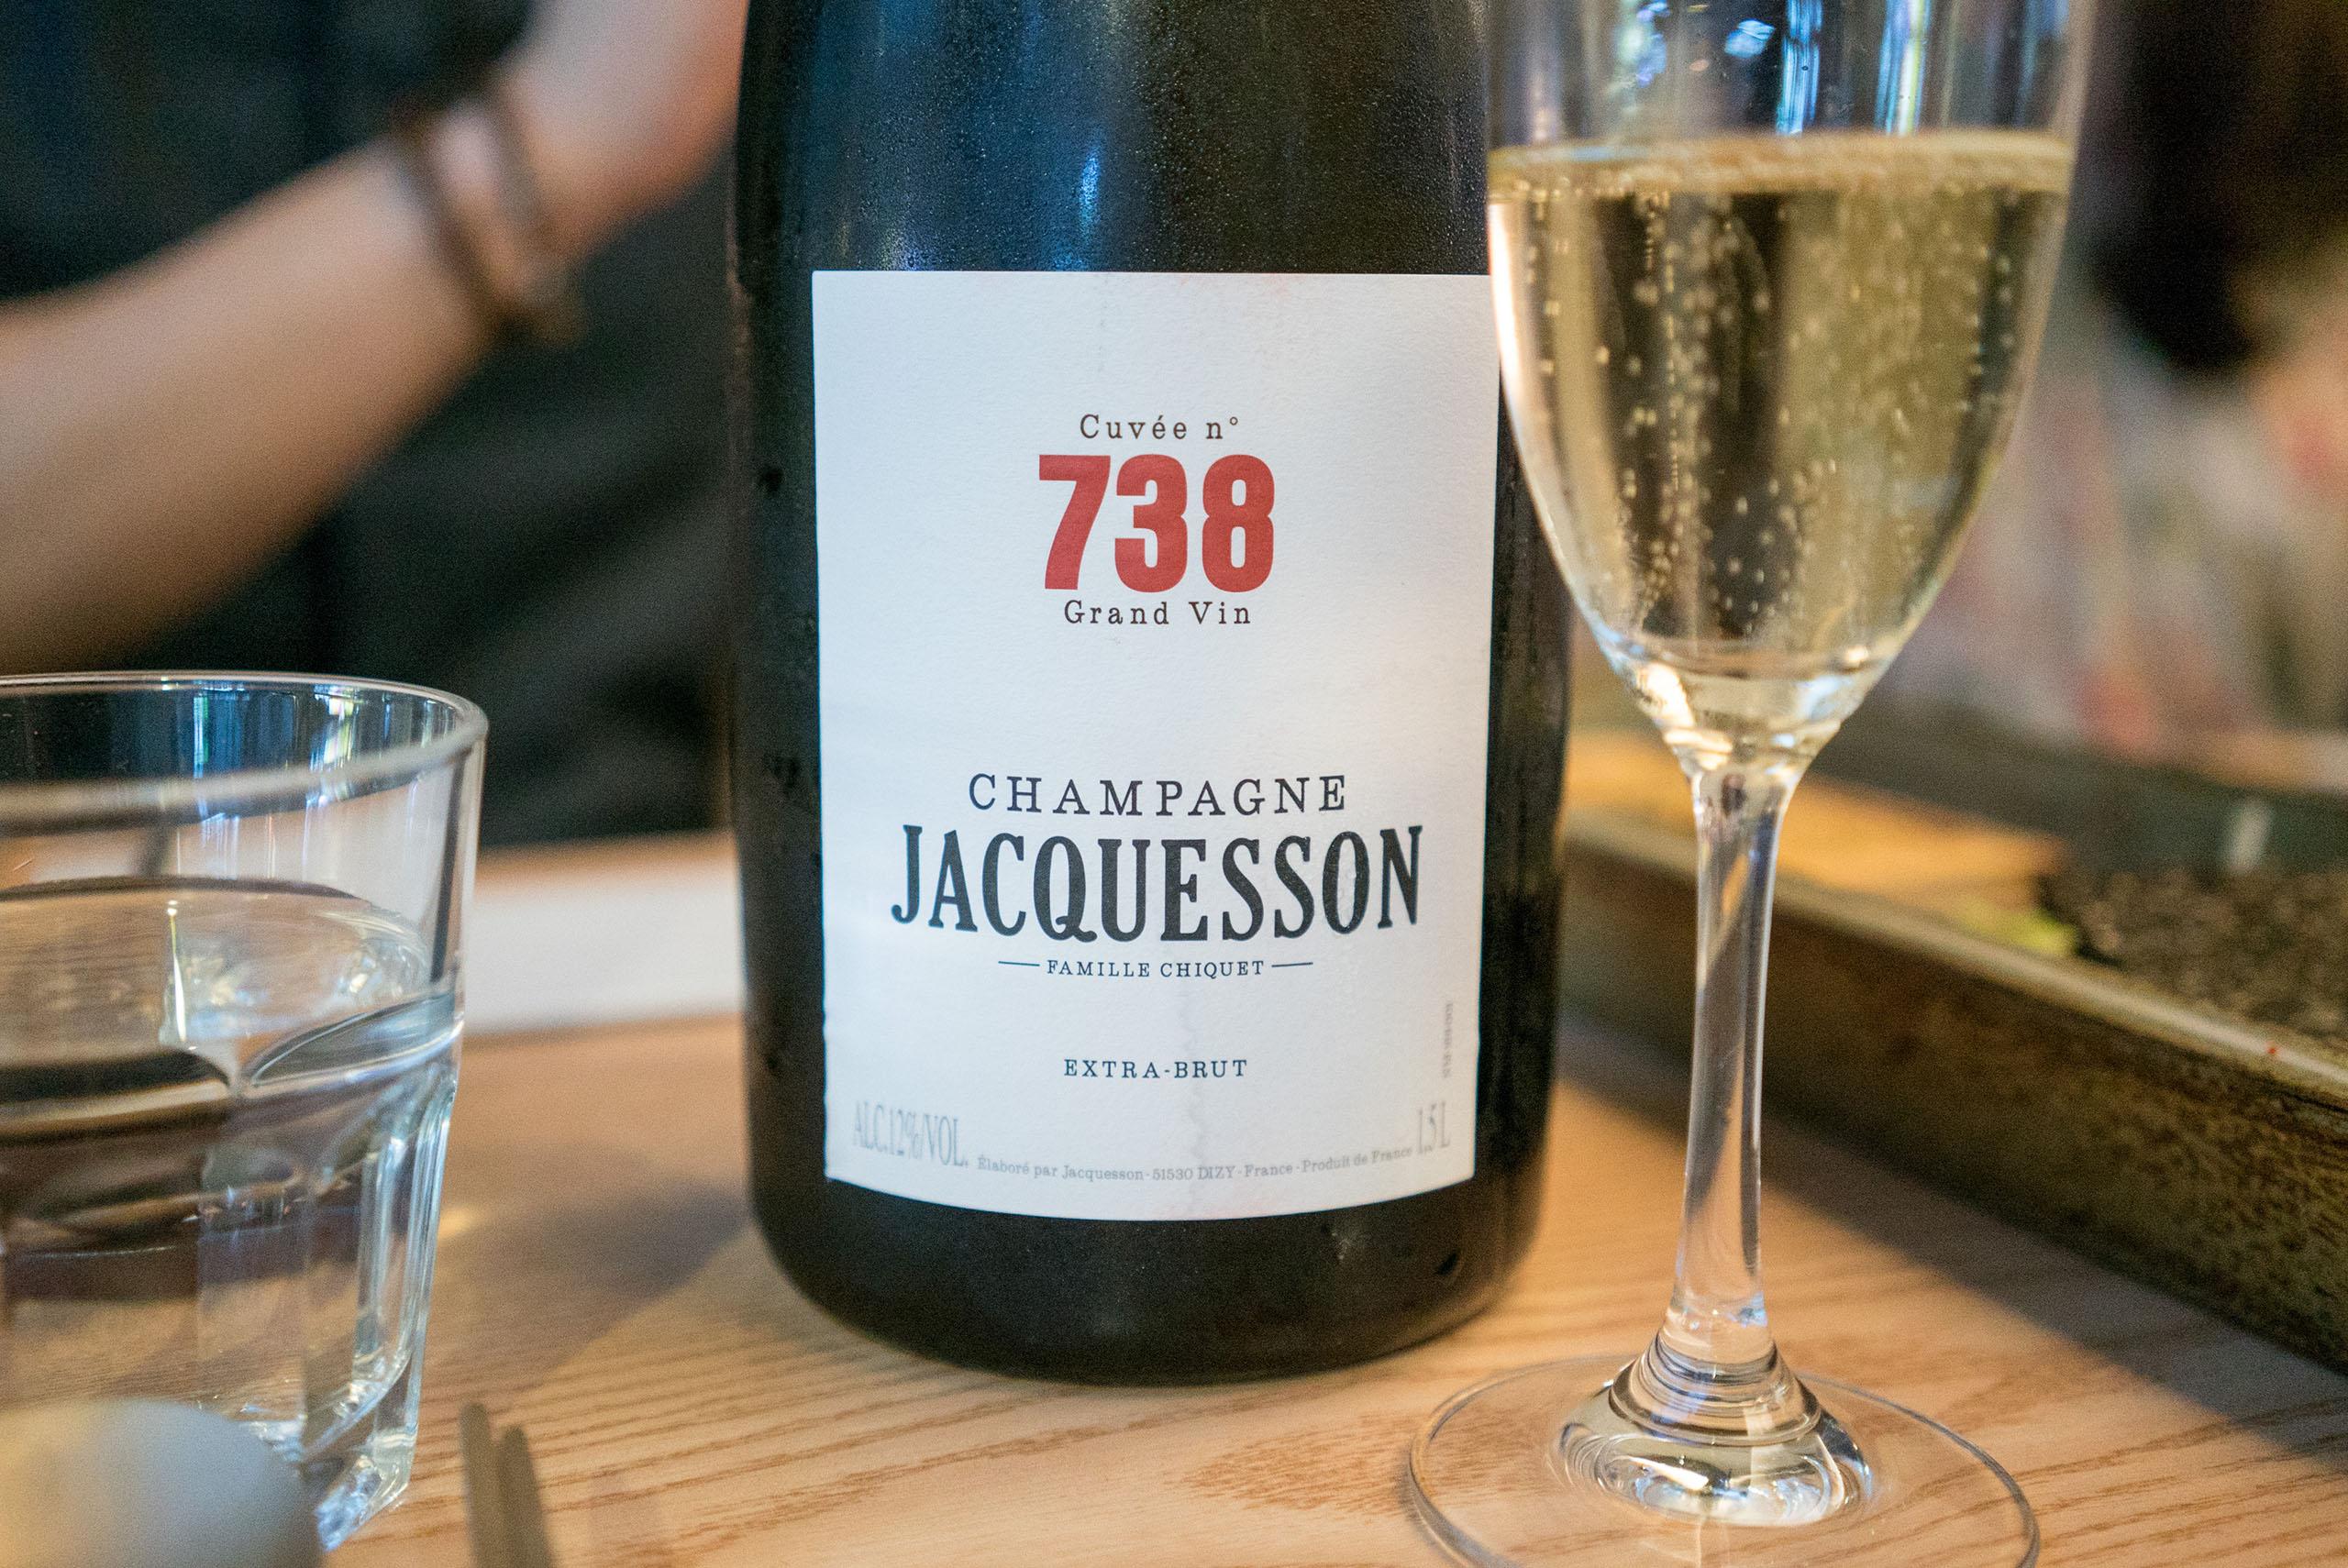 Magnum JacquessCuvee 738